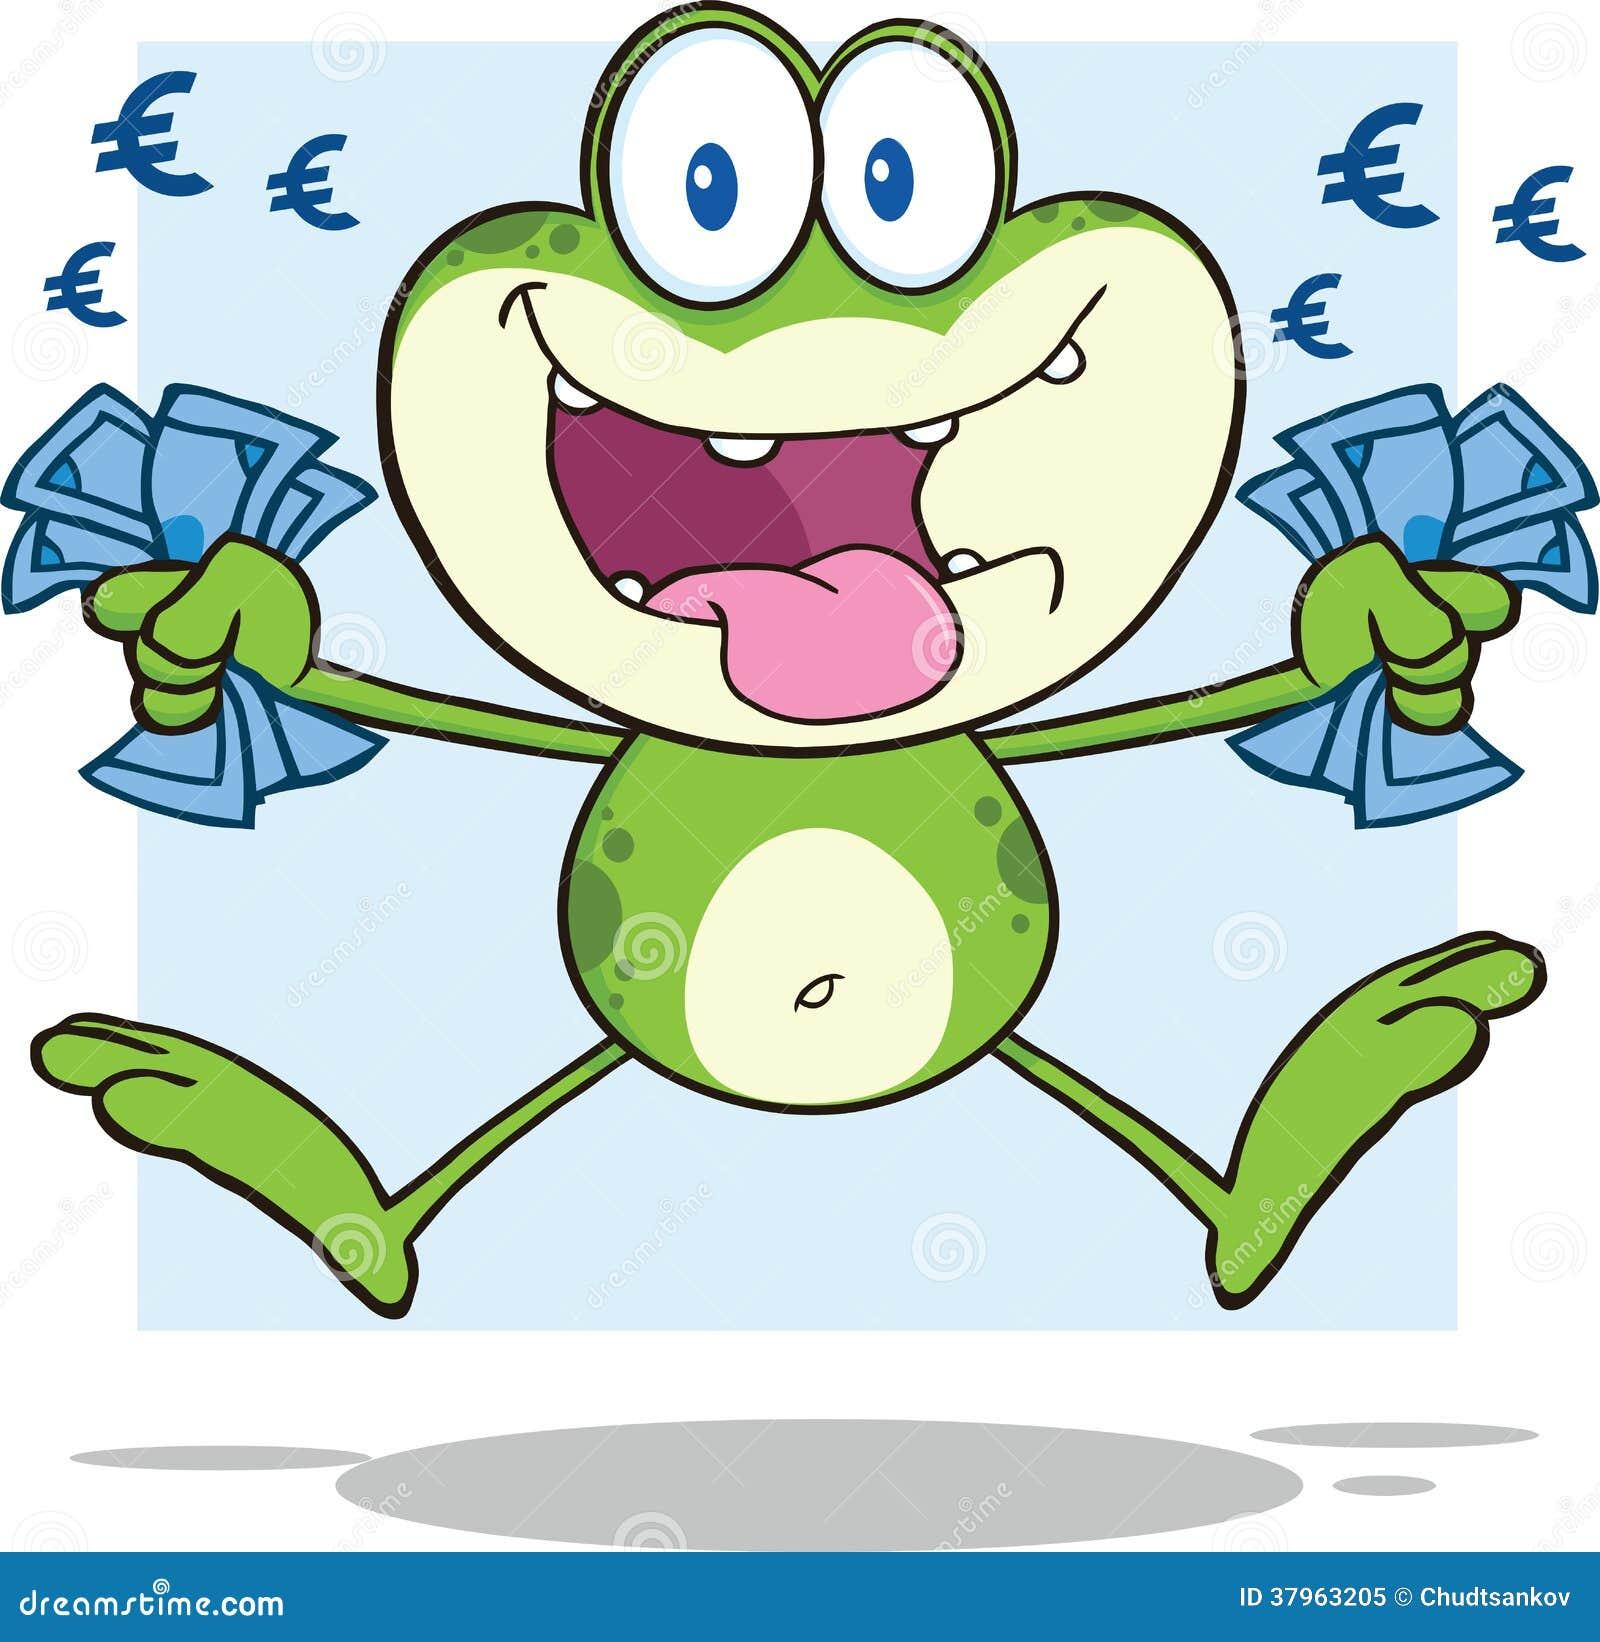 Personnage de dessin anim de grenouille verte sautant avec l 39 euro illustration stock - Dessin de grenouille verte ...